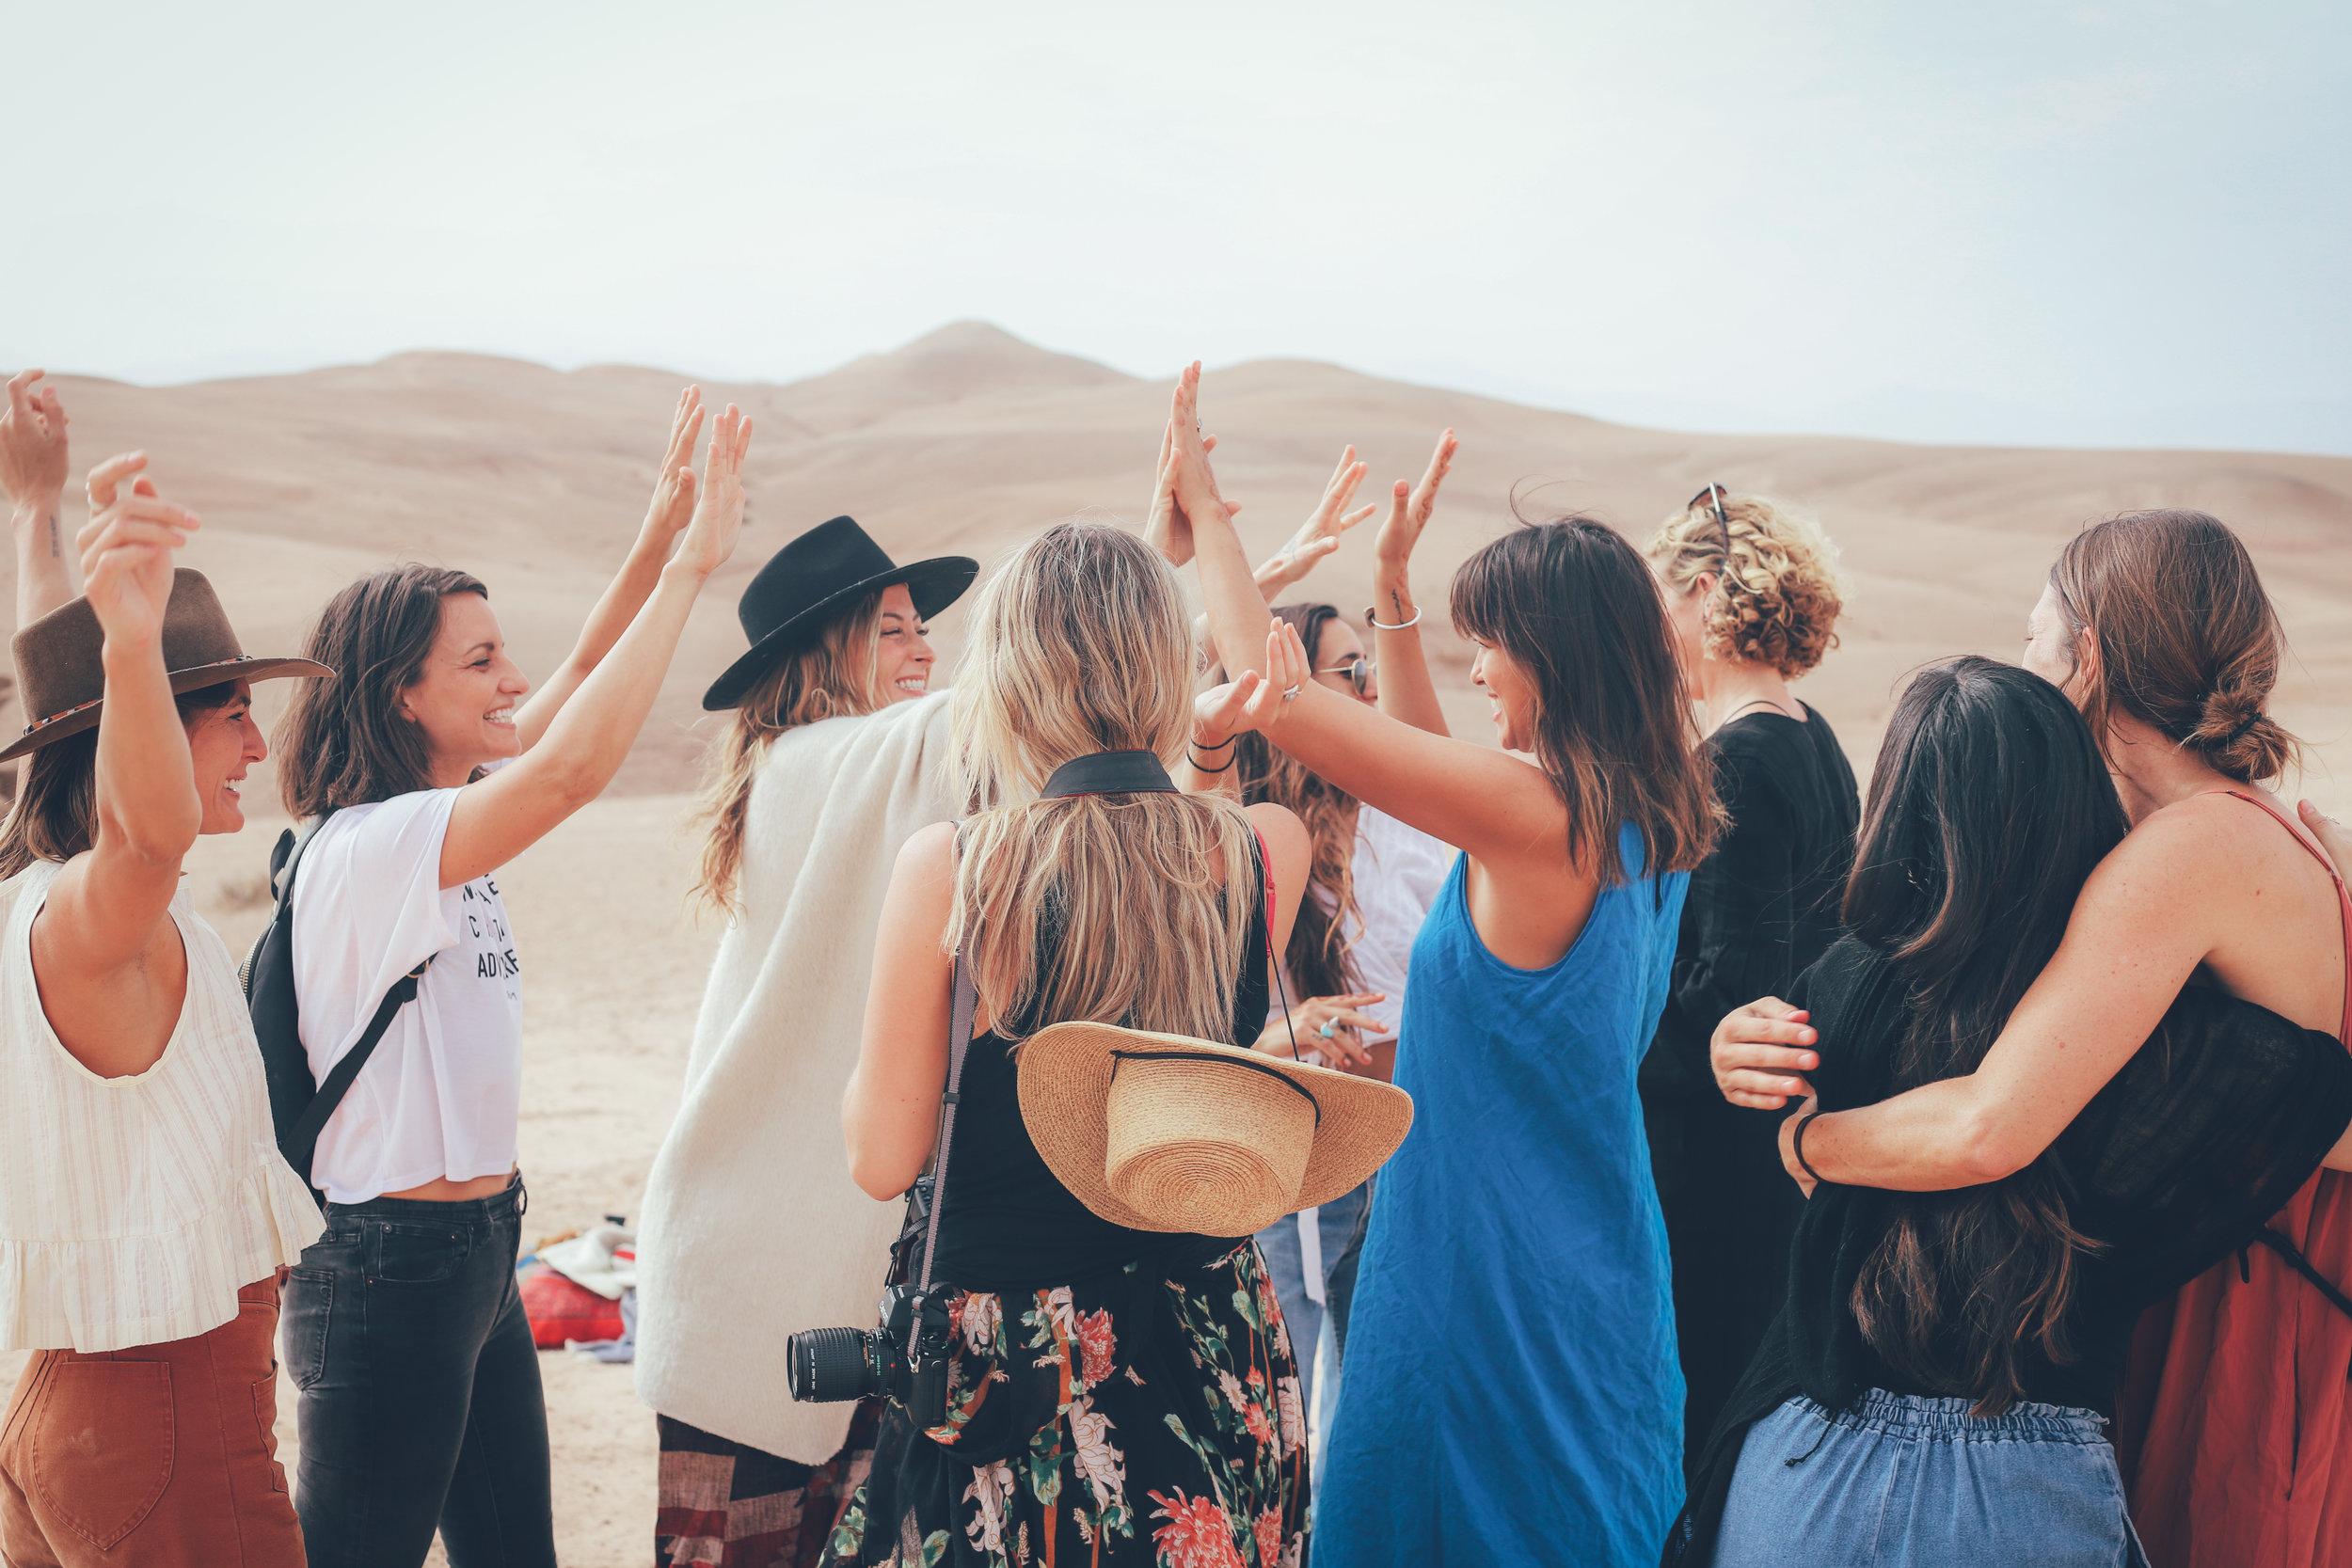 weare.morocco.leia.10.17-32.jpg